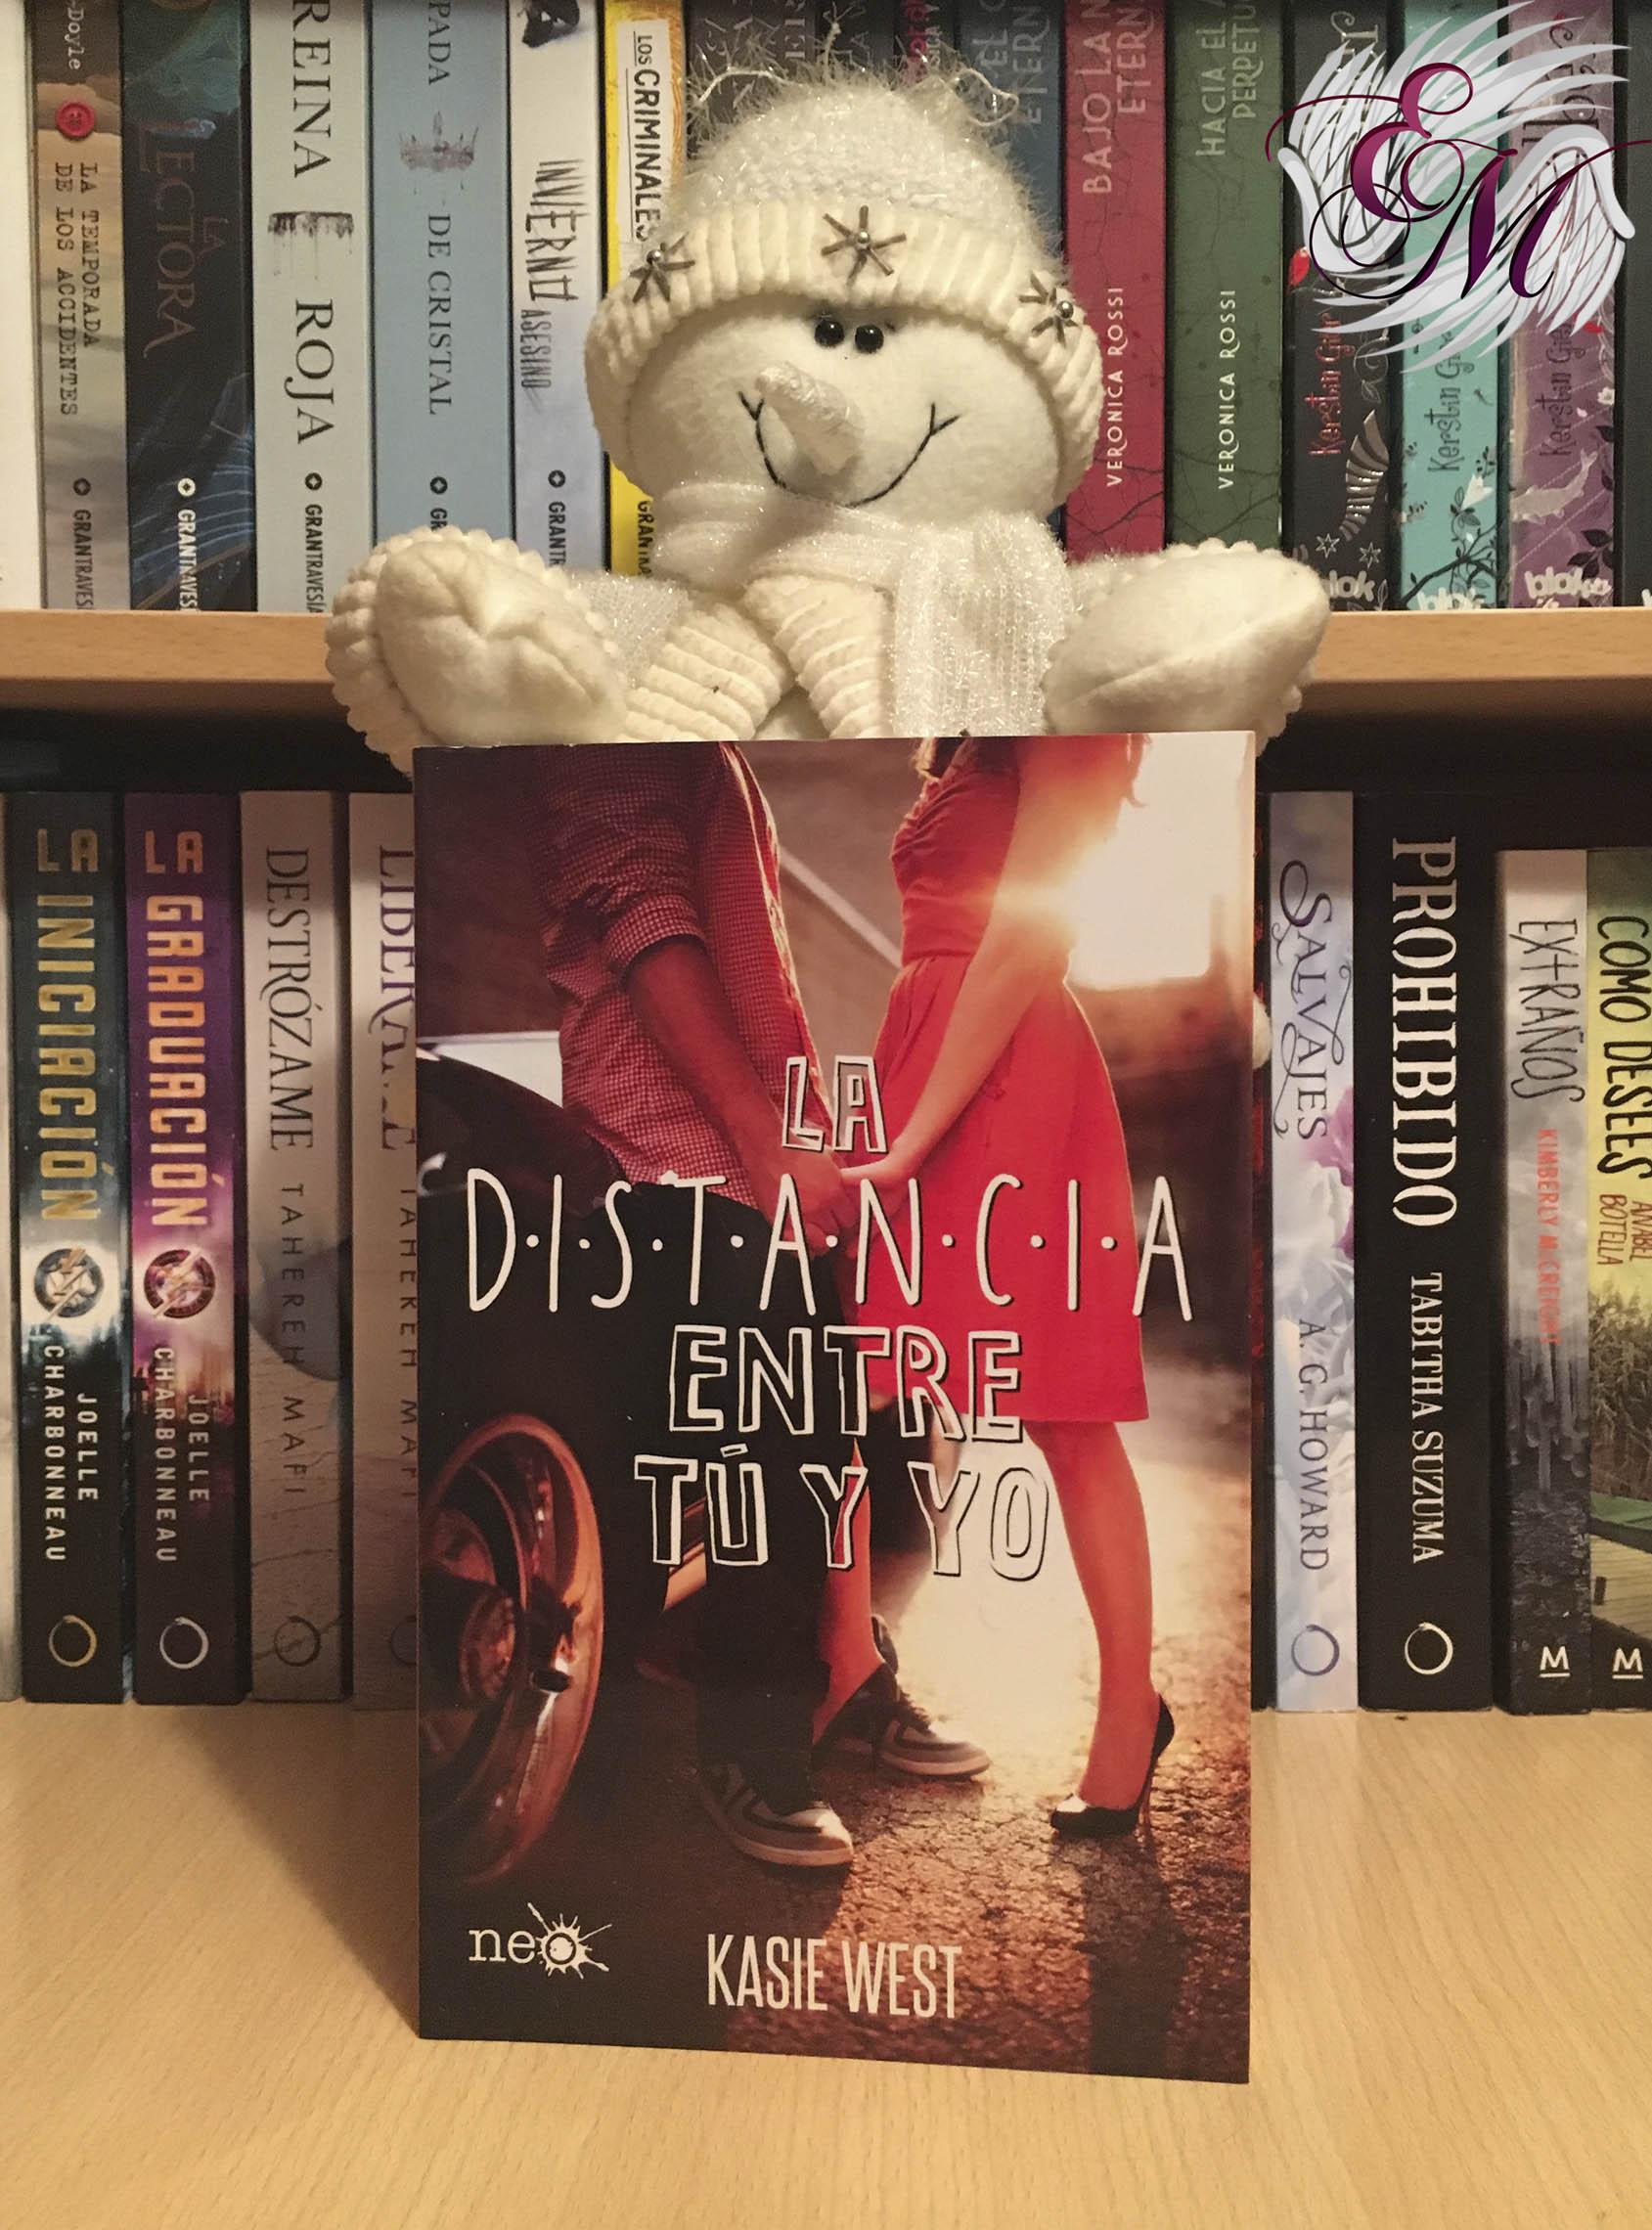 La distancia entre tú y yo, de Kasie West - Reseña